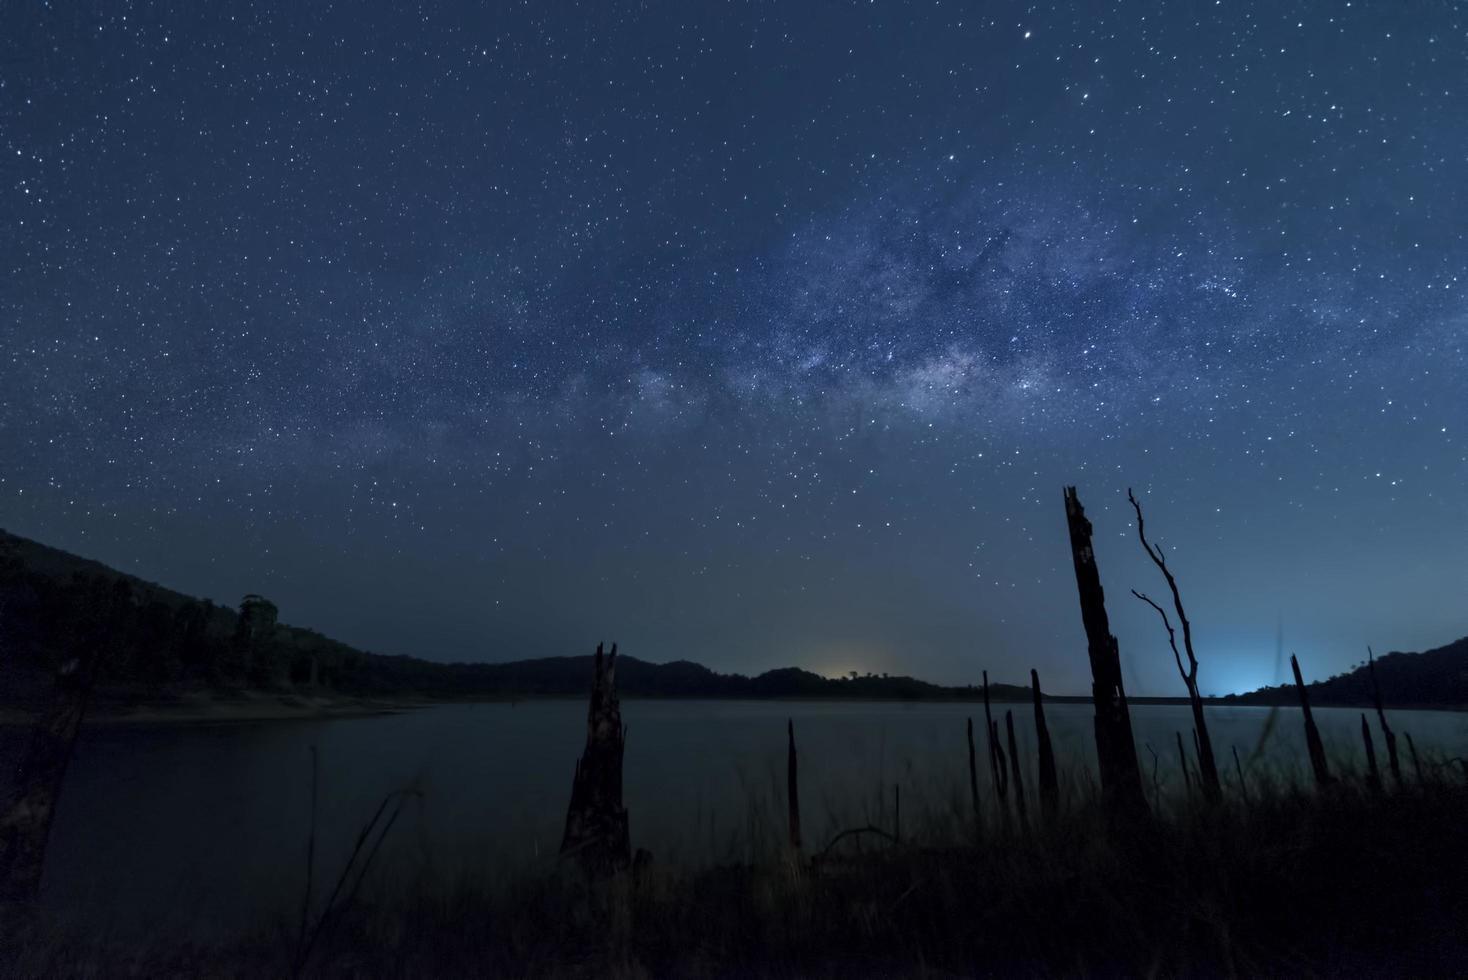 Milchstraße und blaue Dämmerung foto